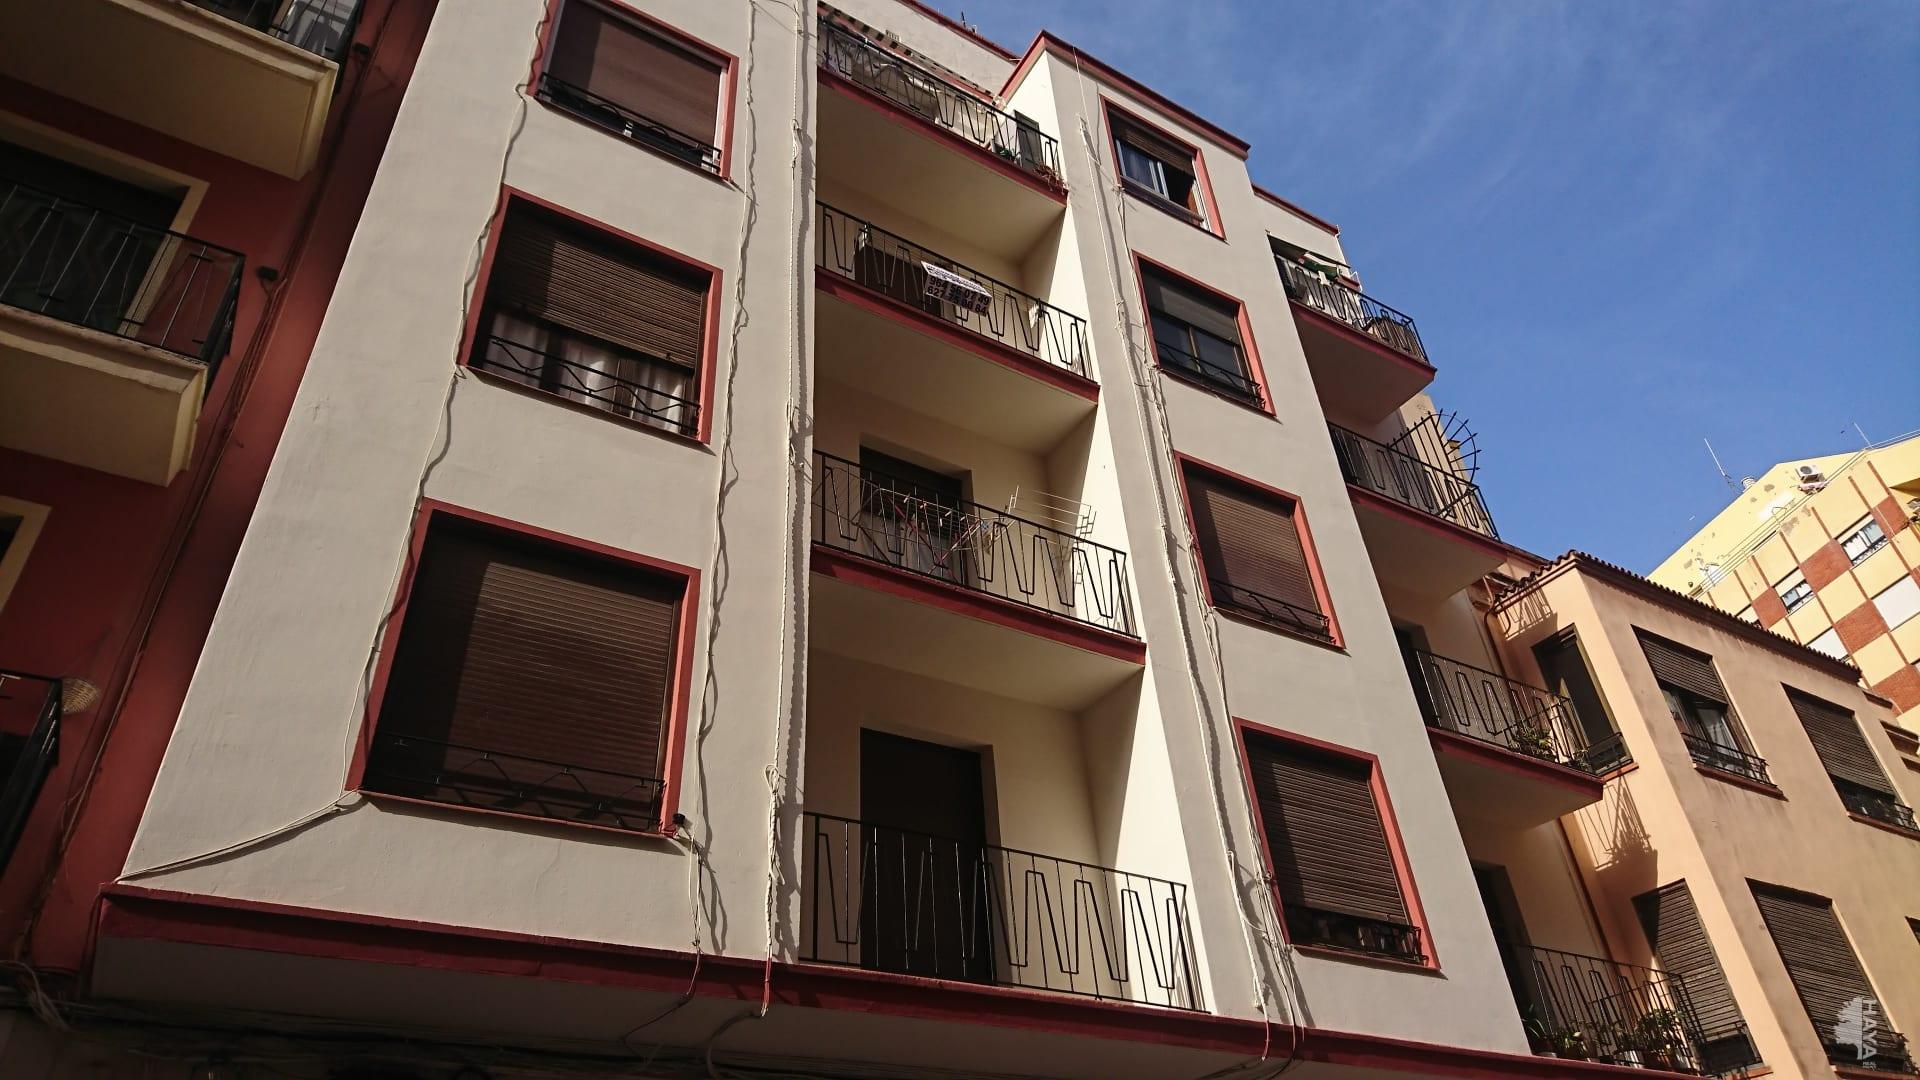 Piso en venta en Grupo San Vicente Ferrer, Castellón de la Plana/castelló de la Plana, Castellón, Calle Pico, 55.500 €, 3 habitaciones, 1 baño, 60 m2